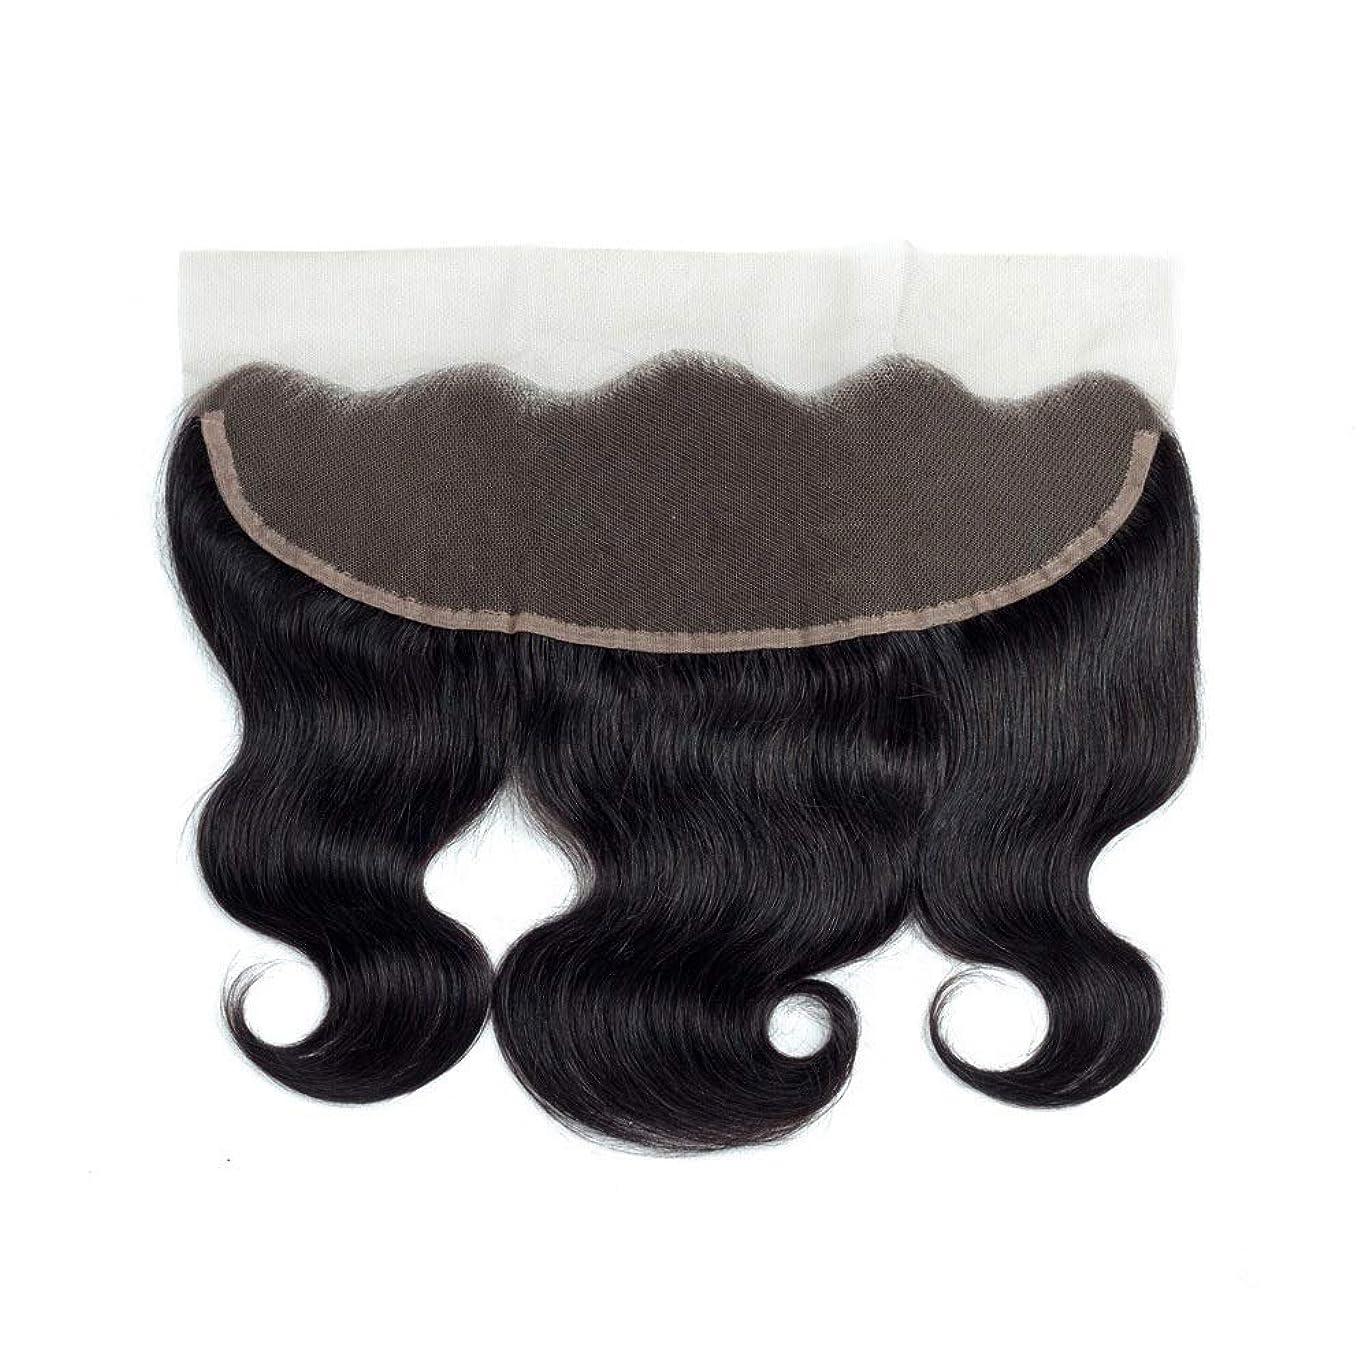 リダクター閉塞りMayalina ブラジル髪の閉鎖13 * 4レース前頭波人間の髪の毛の自然な黒い色女性合成かつらレースかつらロールプレイングかつら (色 : 黒, サイズ : 18 inch)